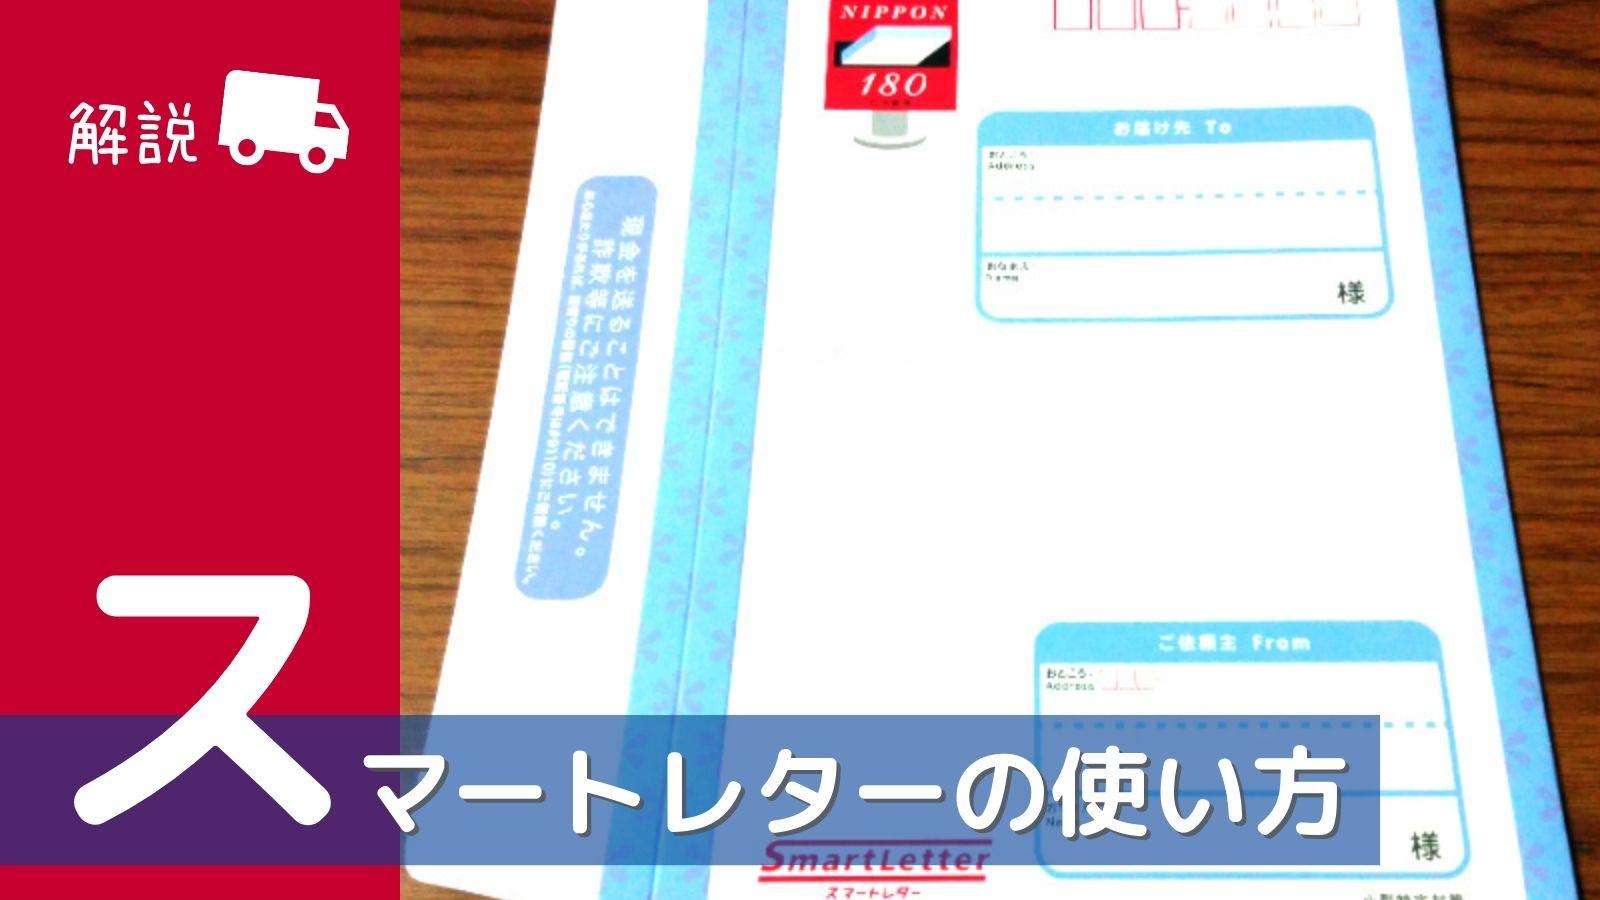 アイキャッチ画像スマートレターの概要・利用方法